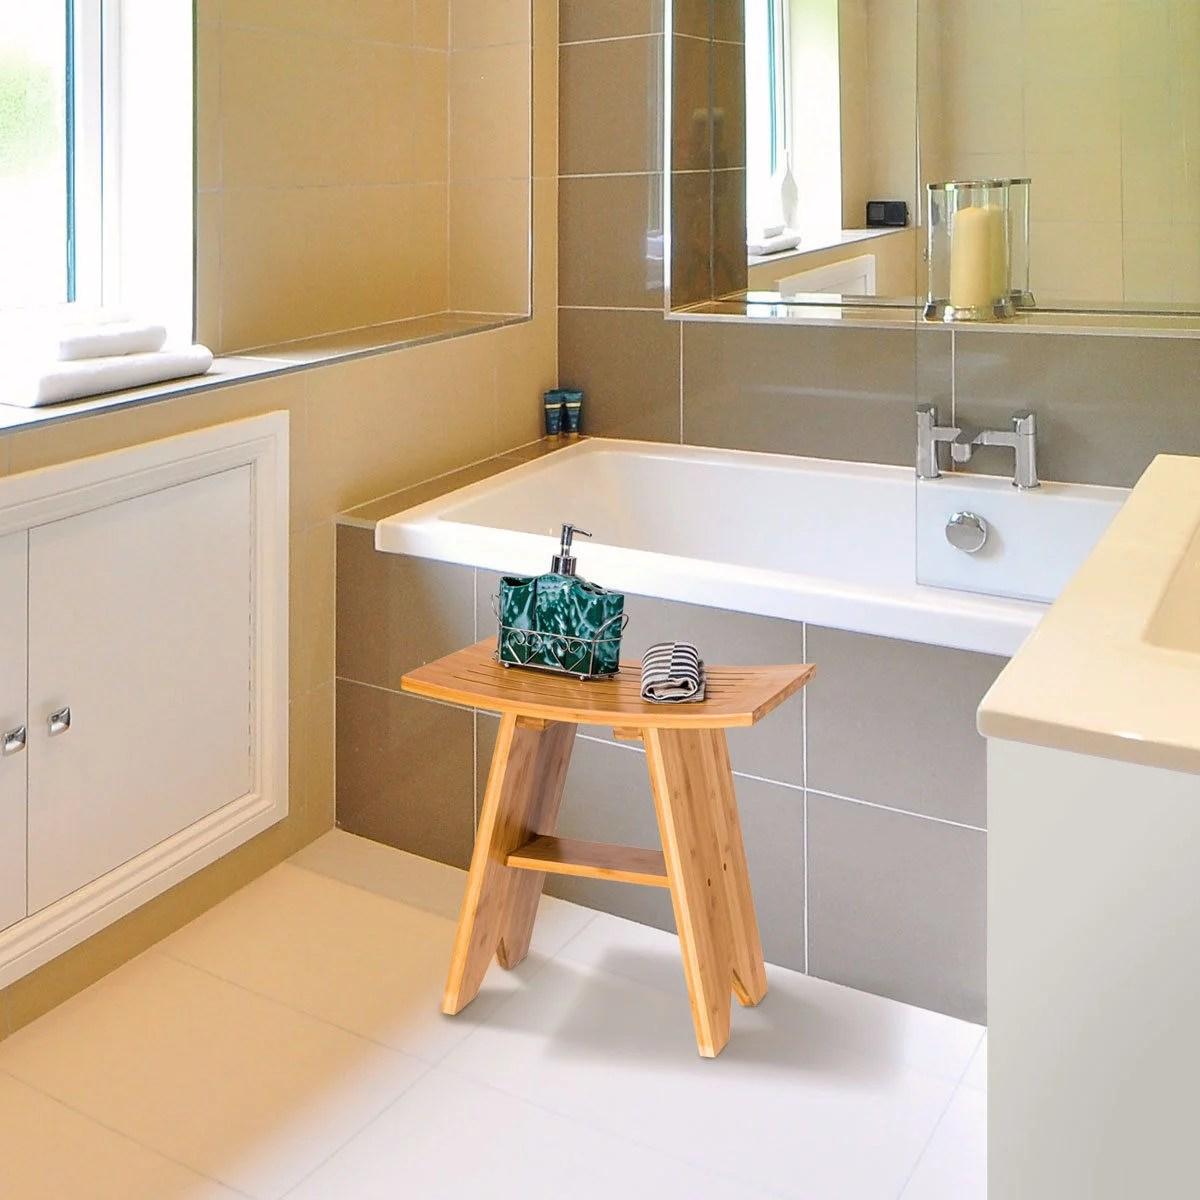 tabouret de douche en bambou etanche siege incurve avec rangement assemblage facile capacite 150 kg pour salle de bain salle de sejour 46 x 30 x